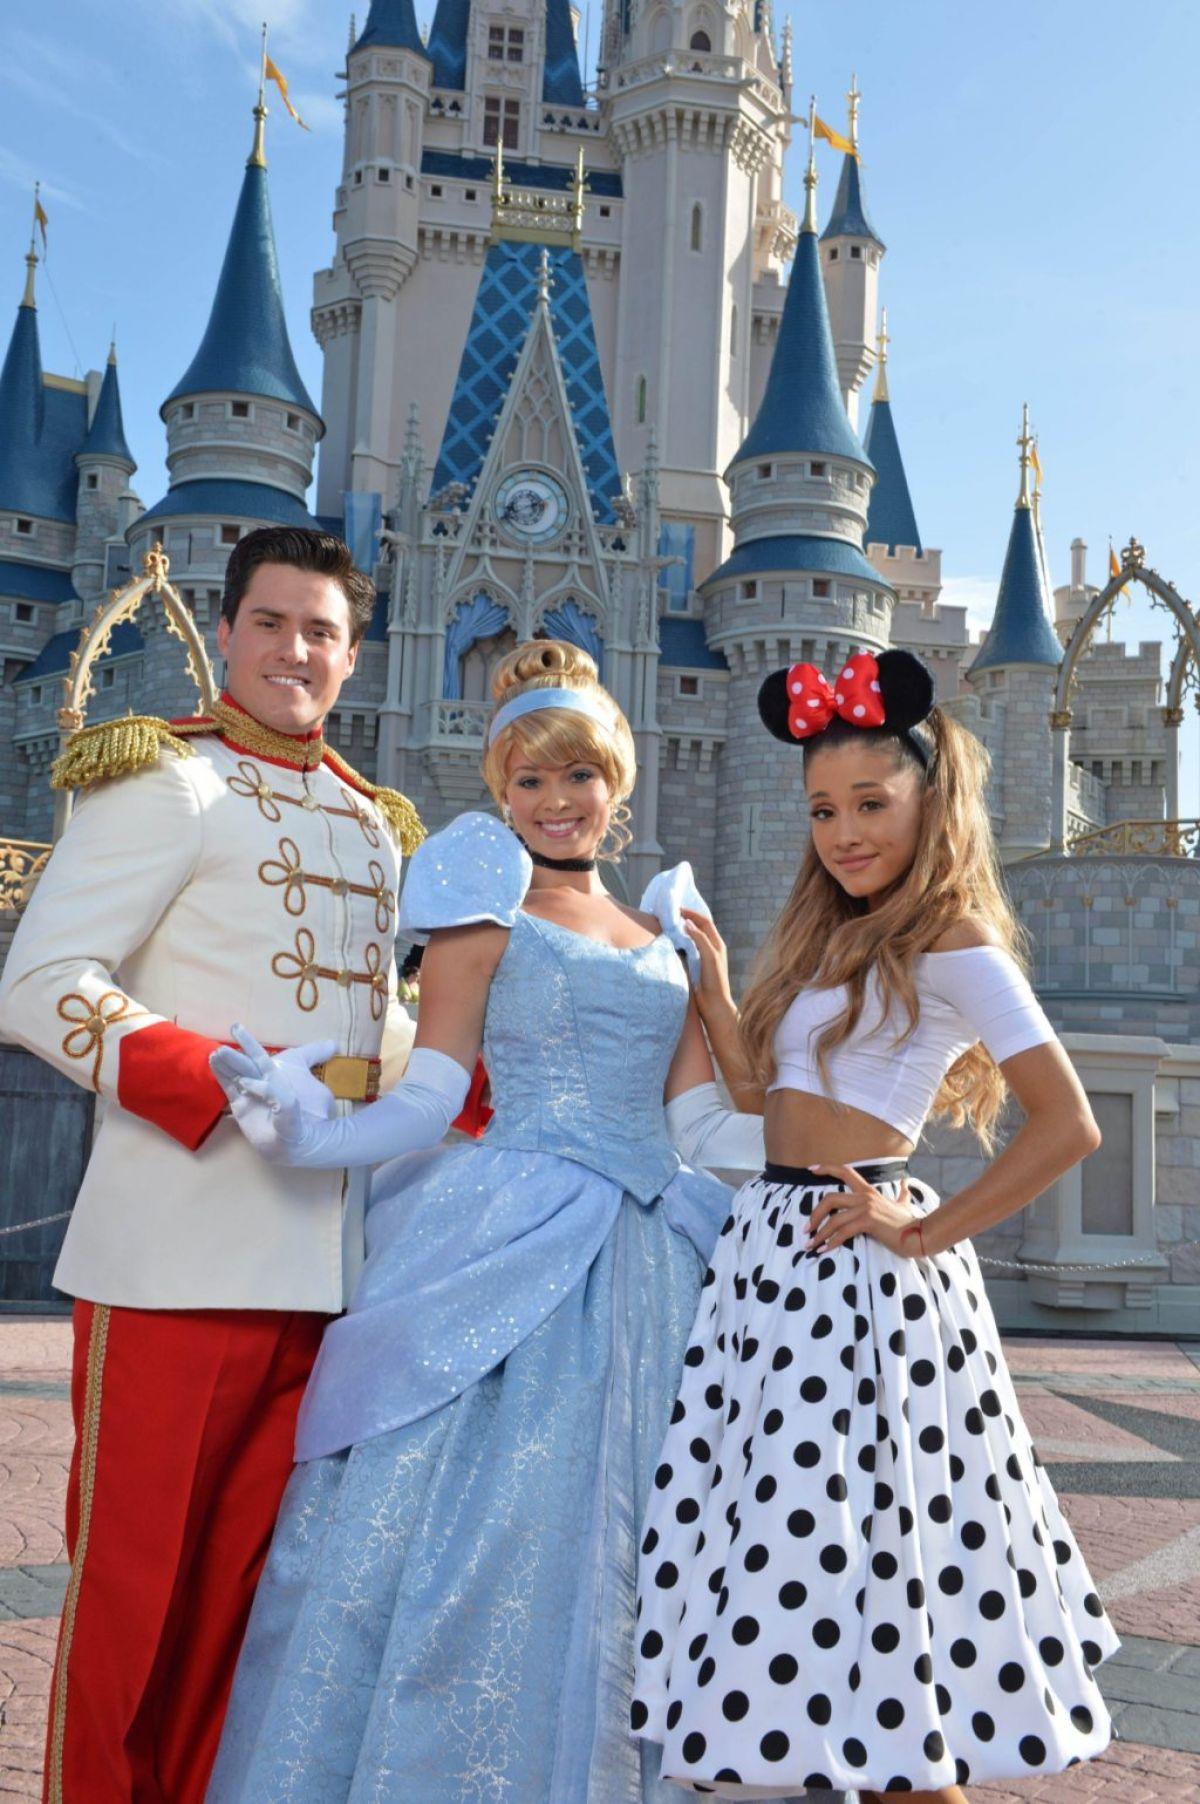 Ariana Grande Christmas Outfit 2012 ARIANA GRANDE Celebrat...